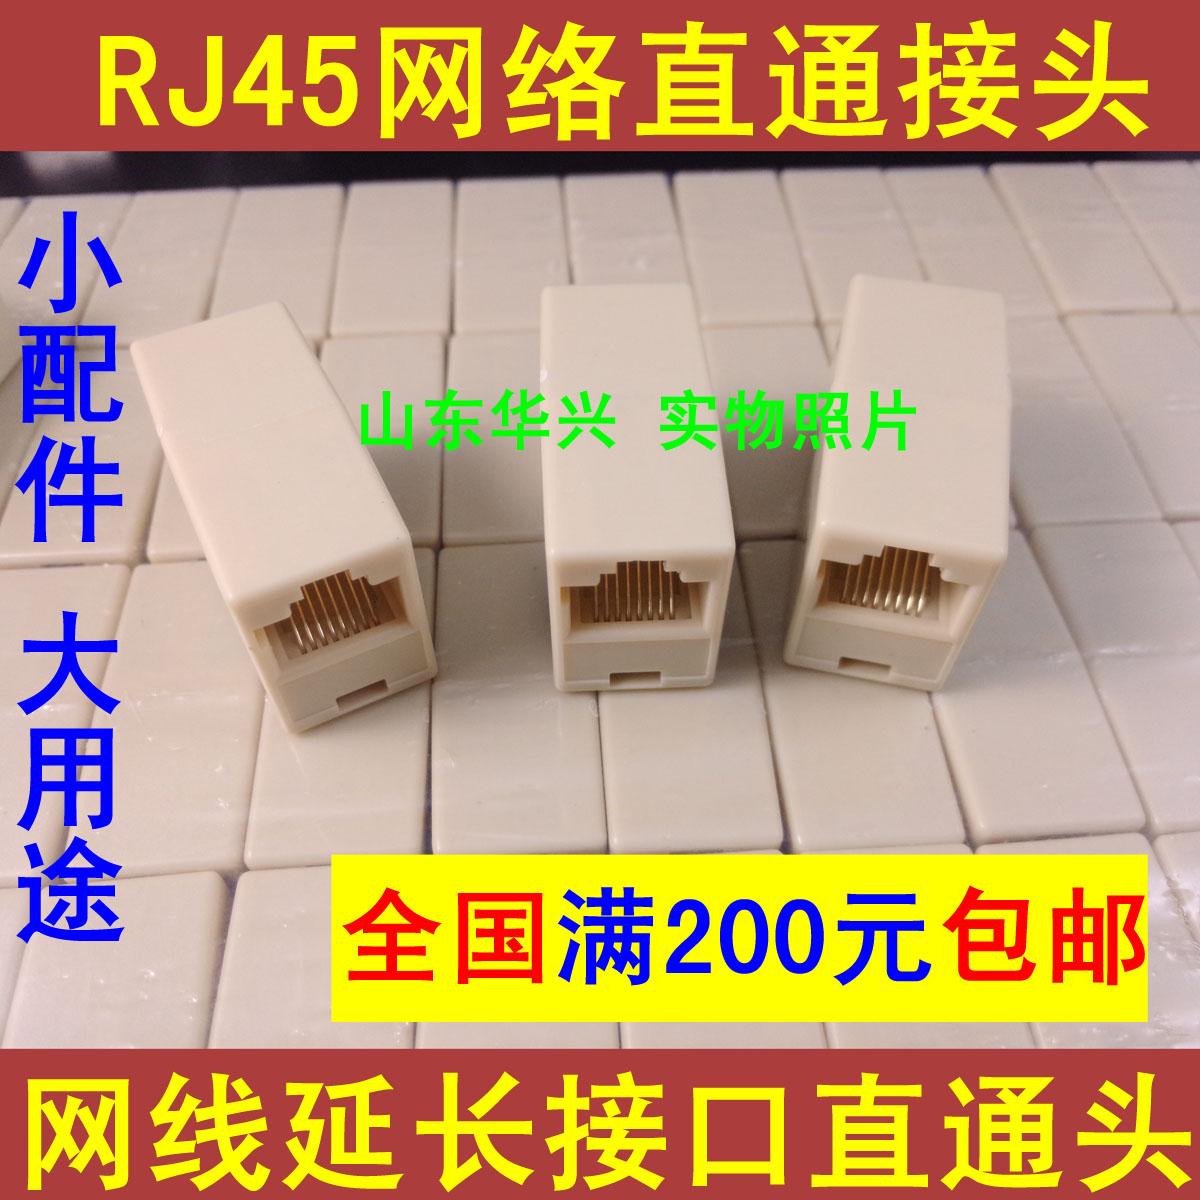 RJ45 кабель разъем сеть двухпроходный глава кабель сеть прямо глава кабель стыковка глава продлить интерфейс